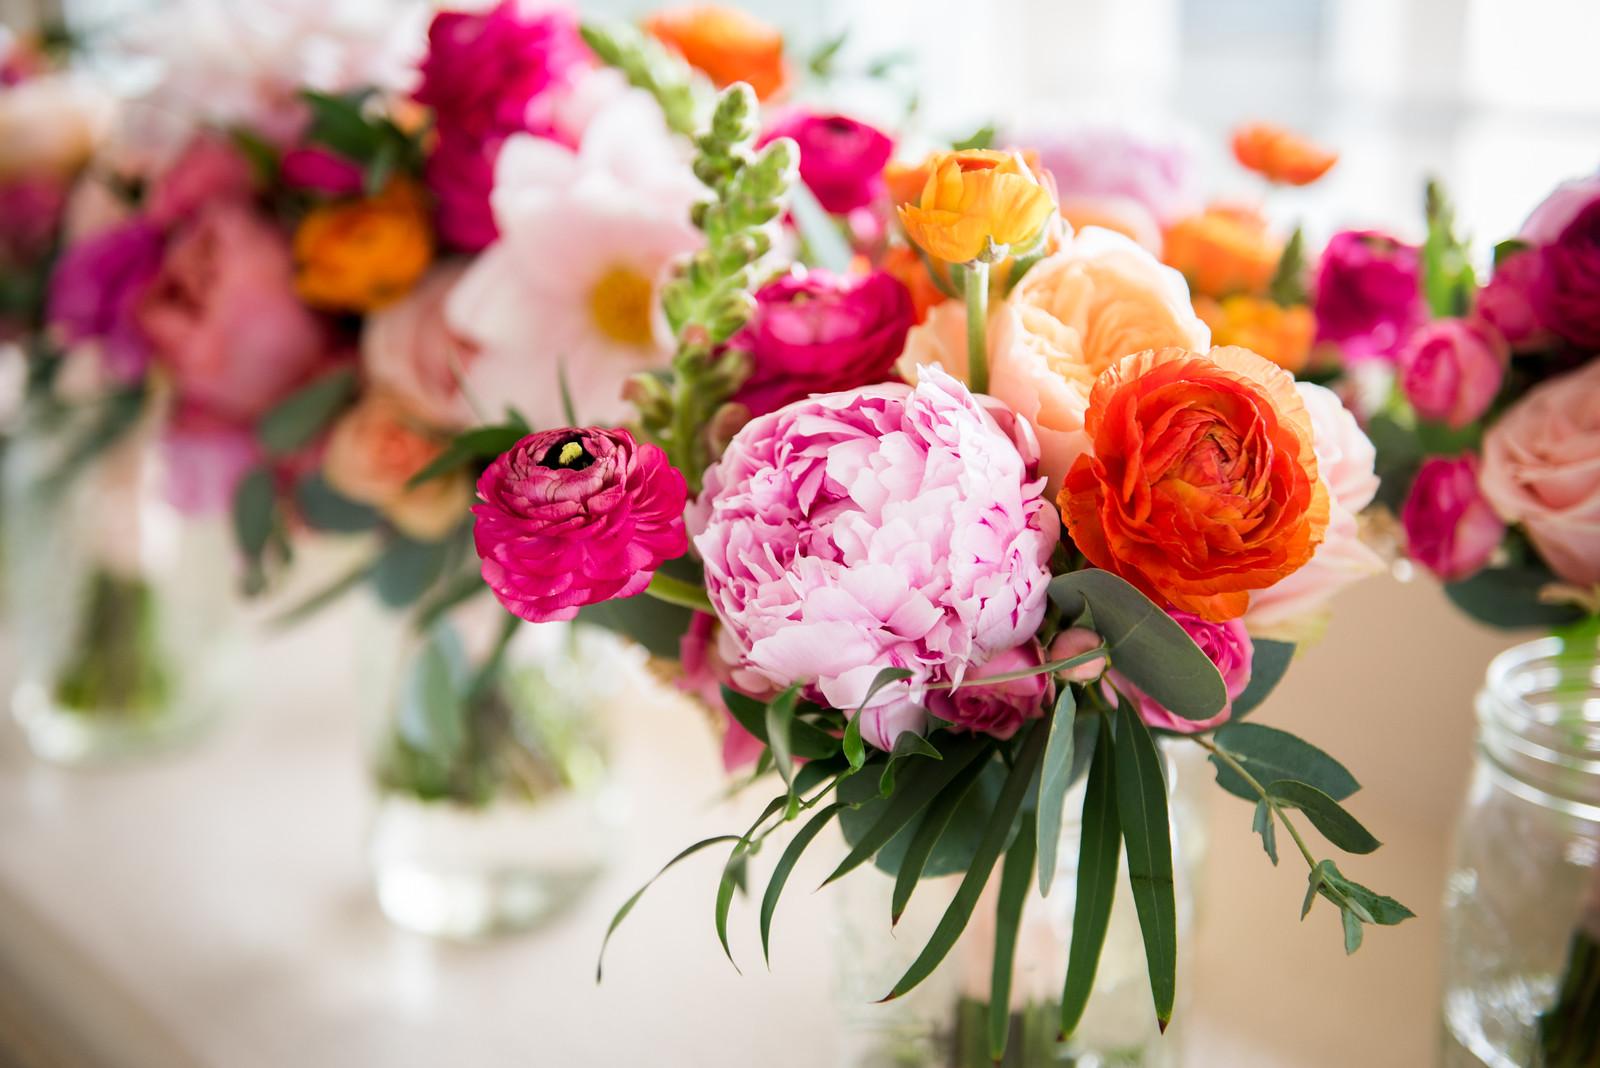 bouquets2.jpg